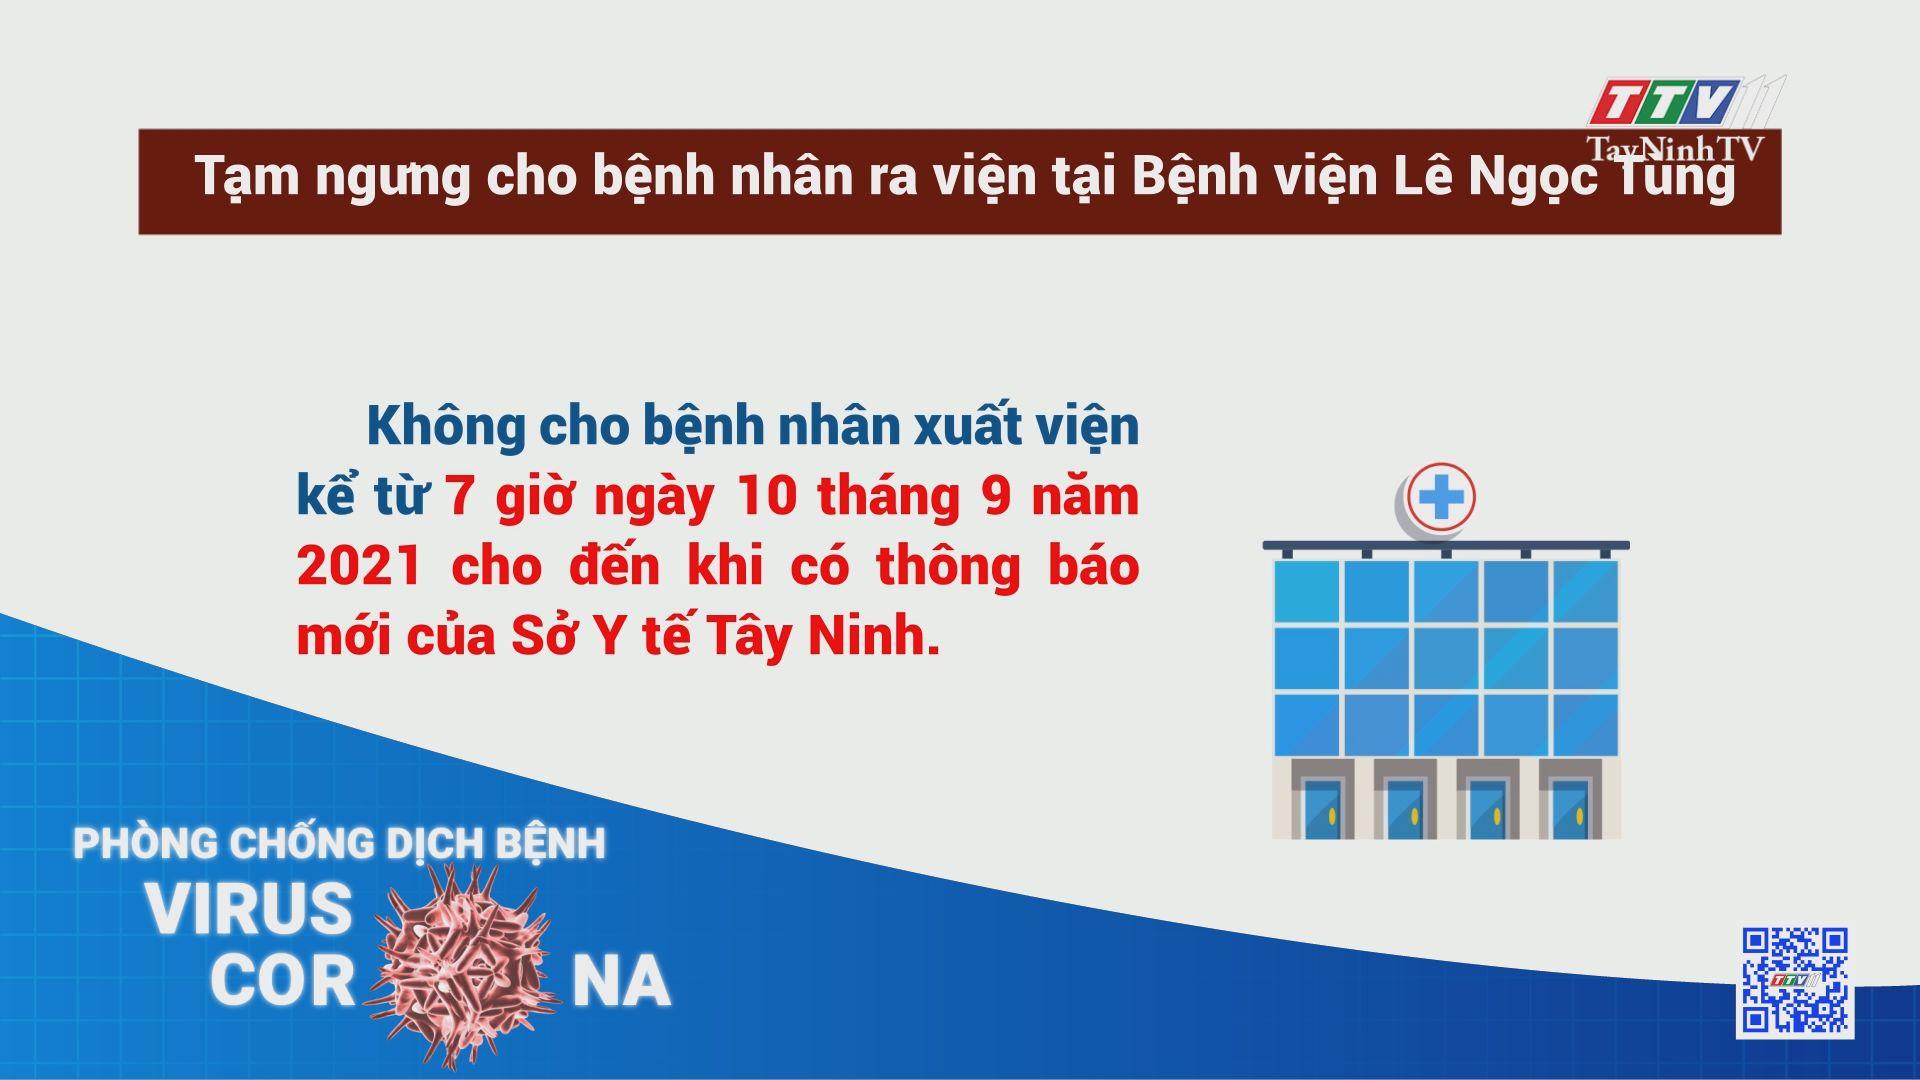 Tạm ngưng cho bệnh nhân ra viện tại Bệnh viện Lê Ngọc Tùng | TayNinhTV